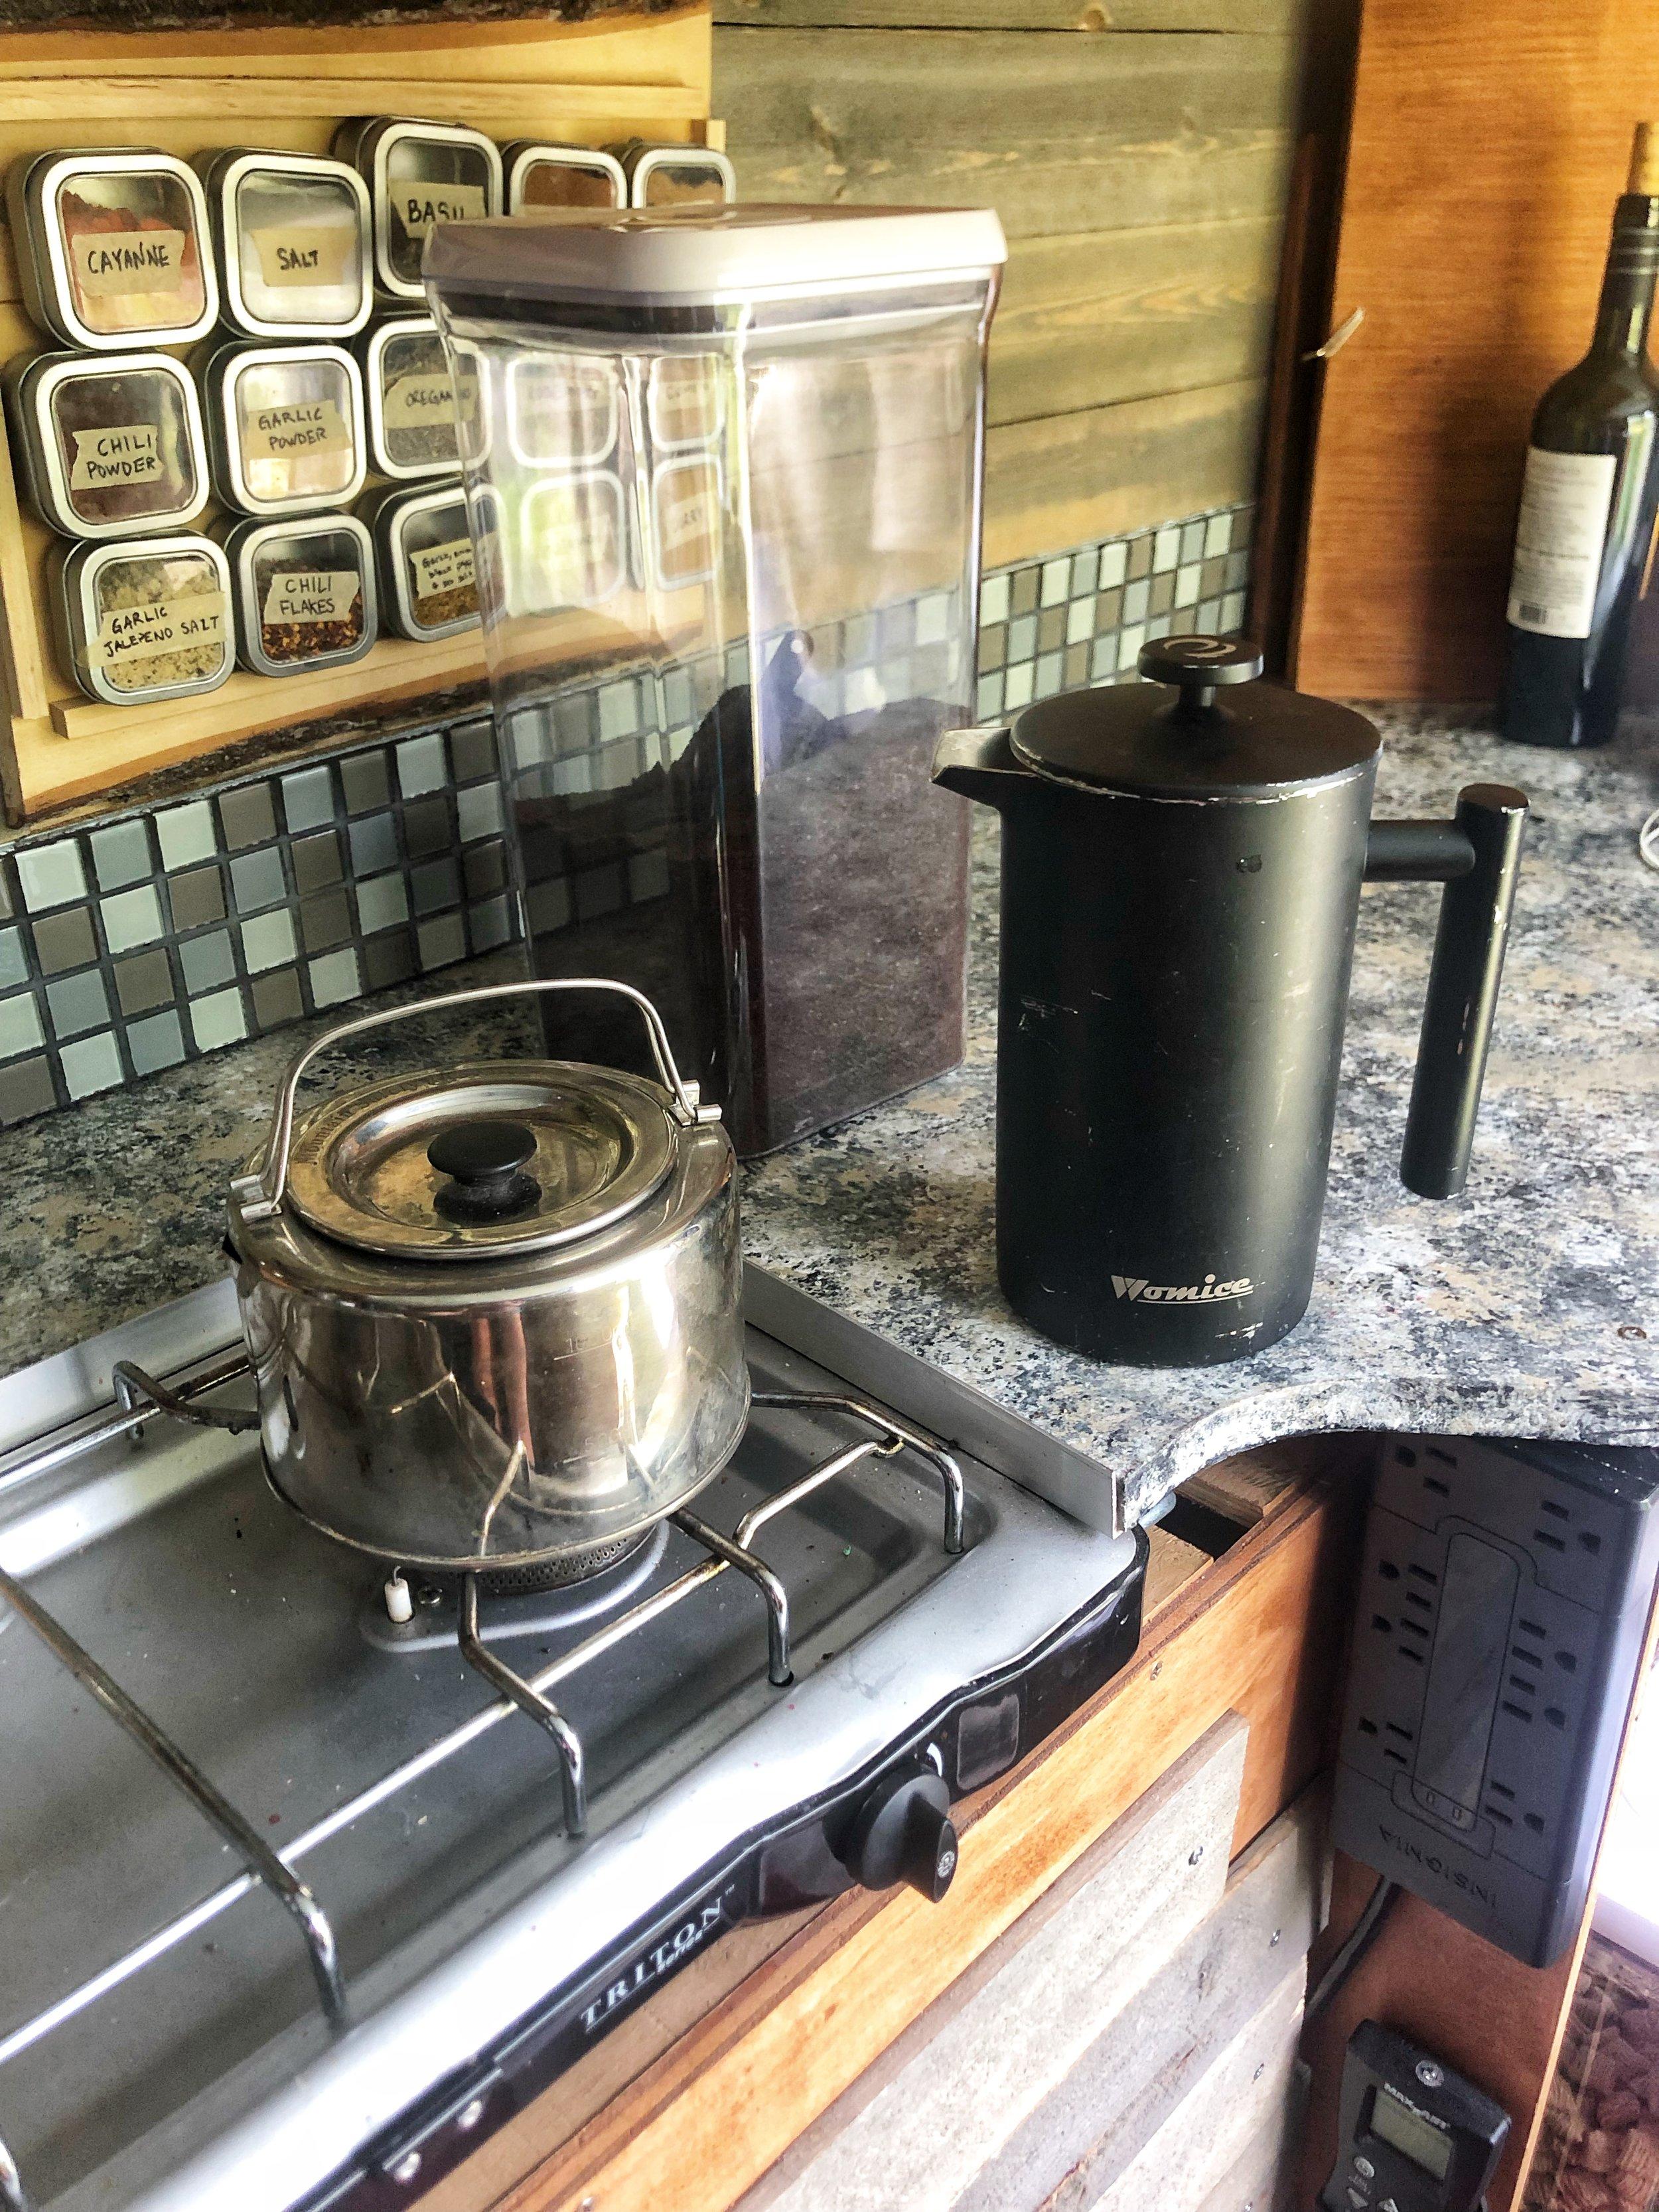 Our complete camper van coffee kit!